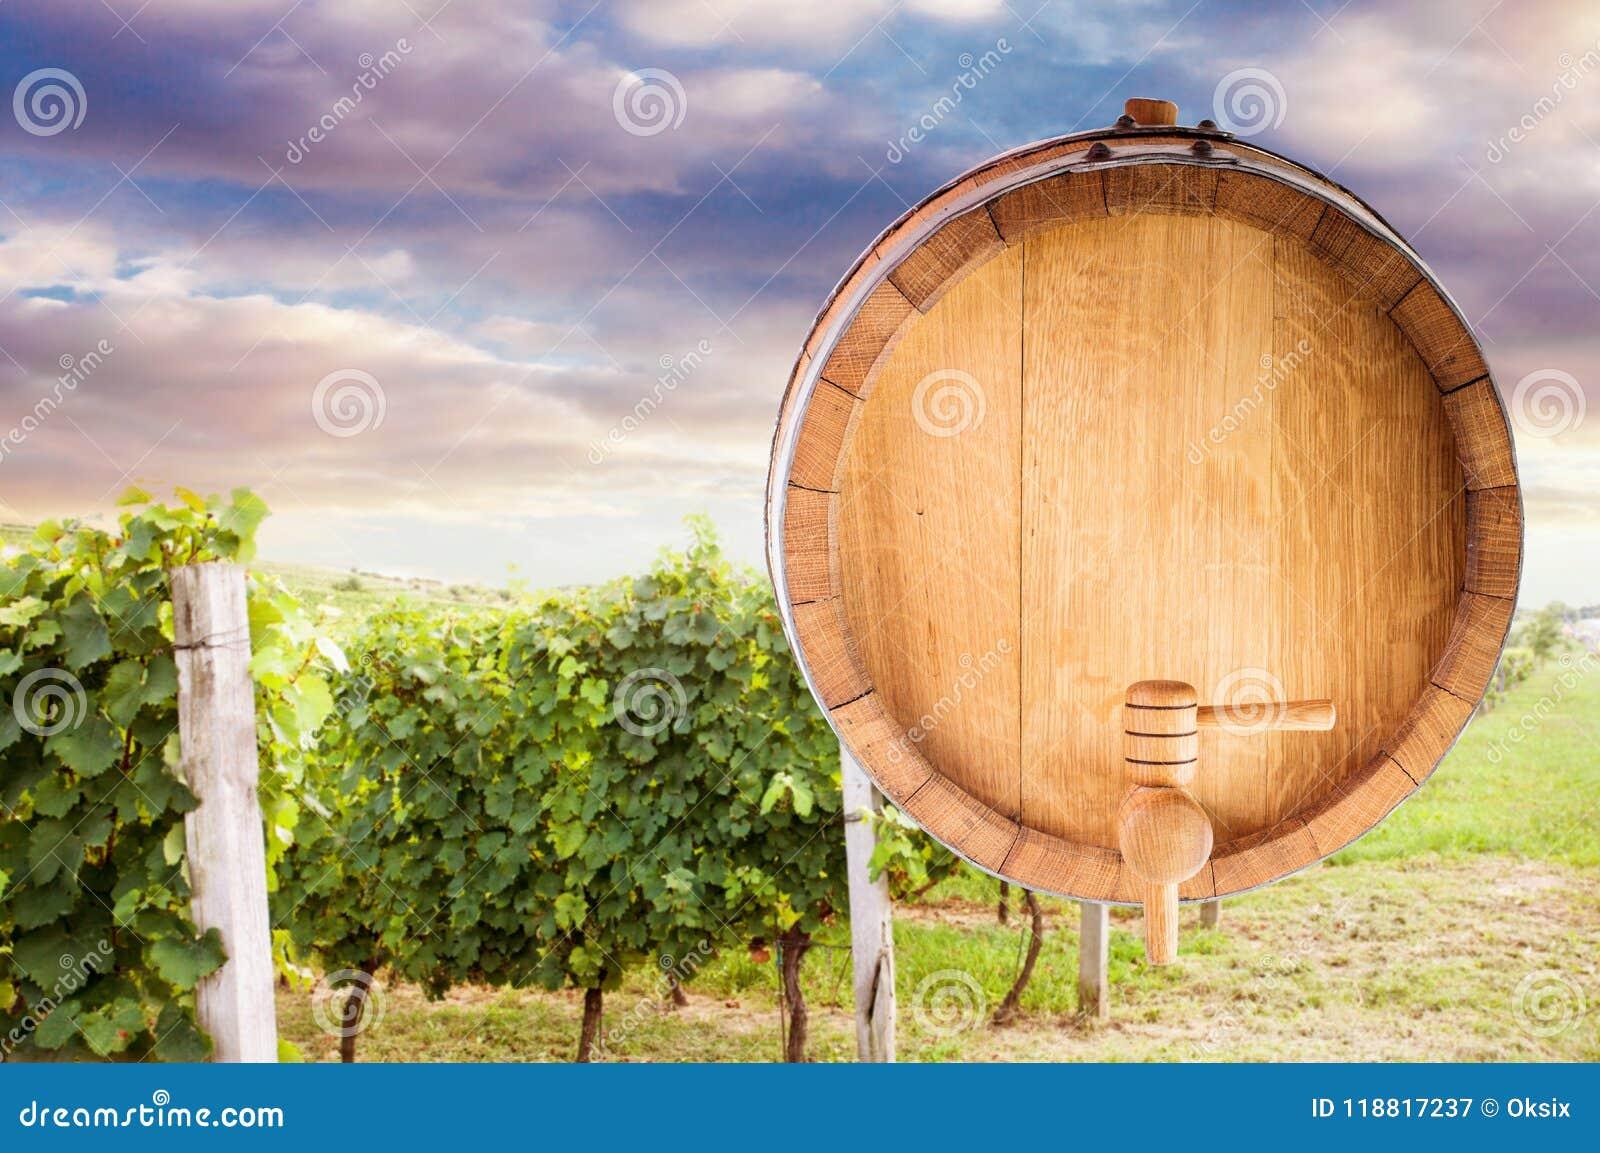 Wine barrel mock up